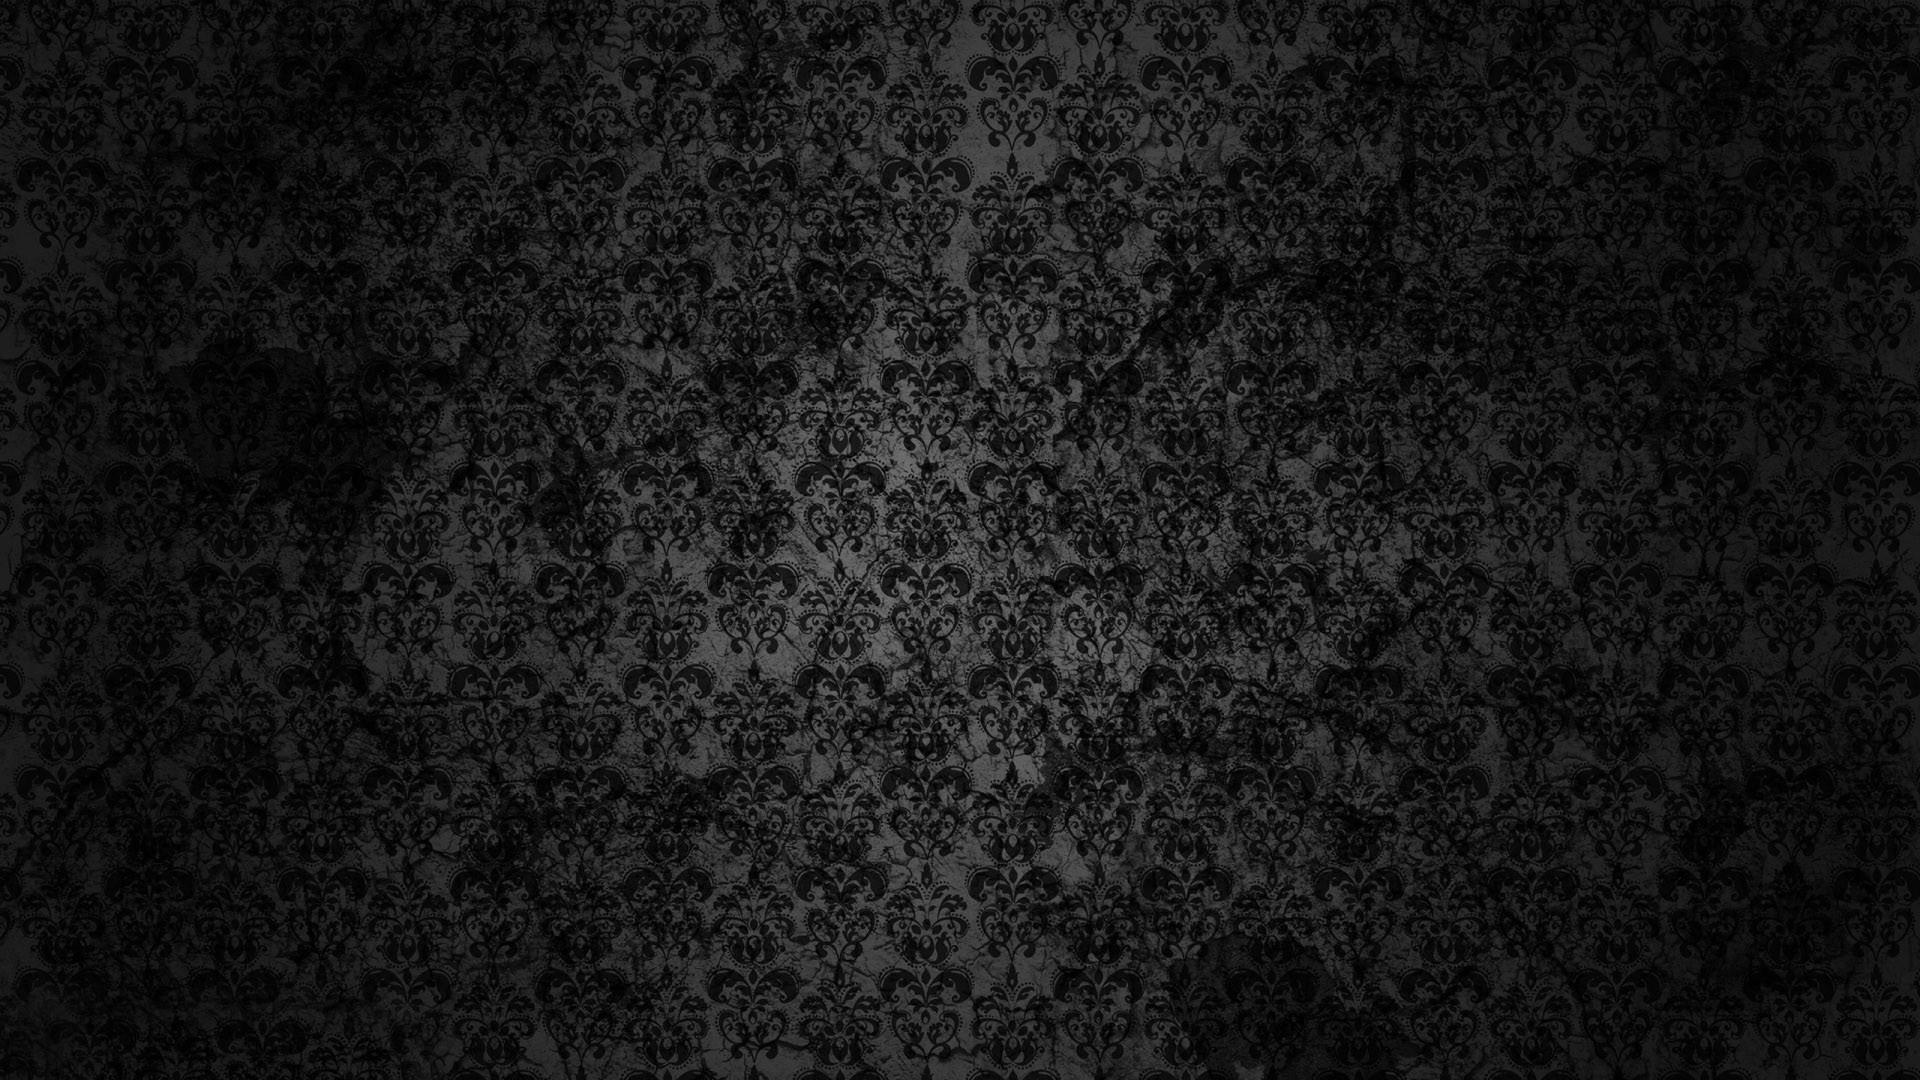 Vintage pattern wallpaper 10707 1920x1080